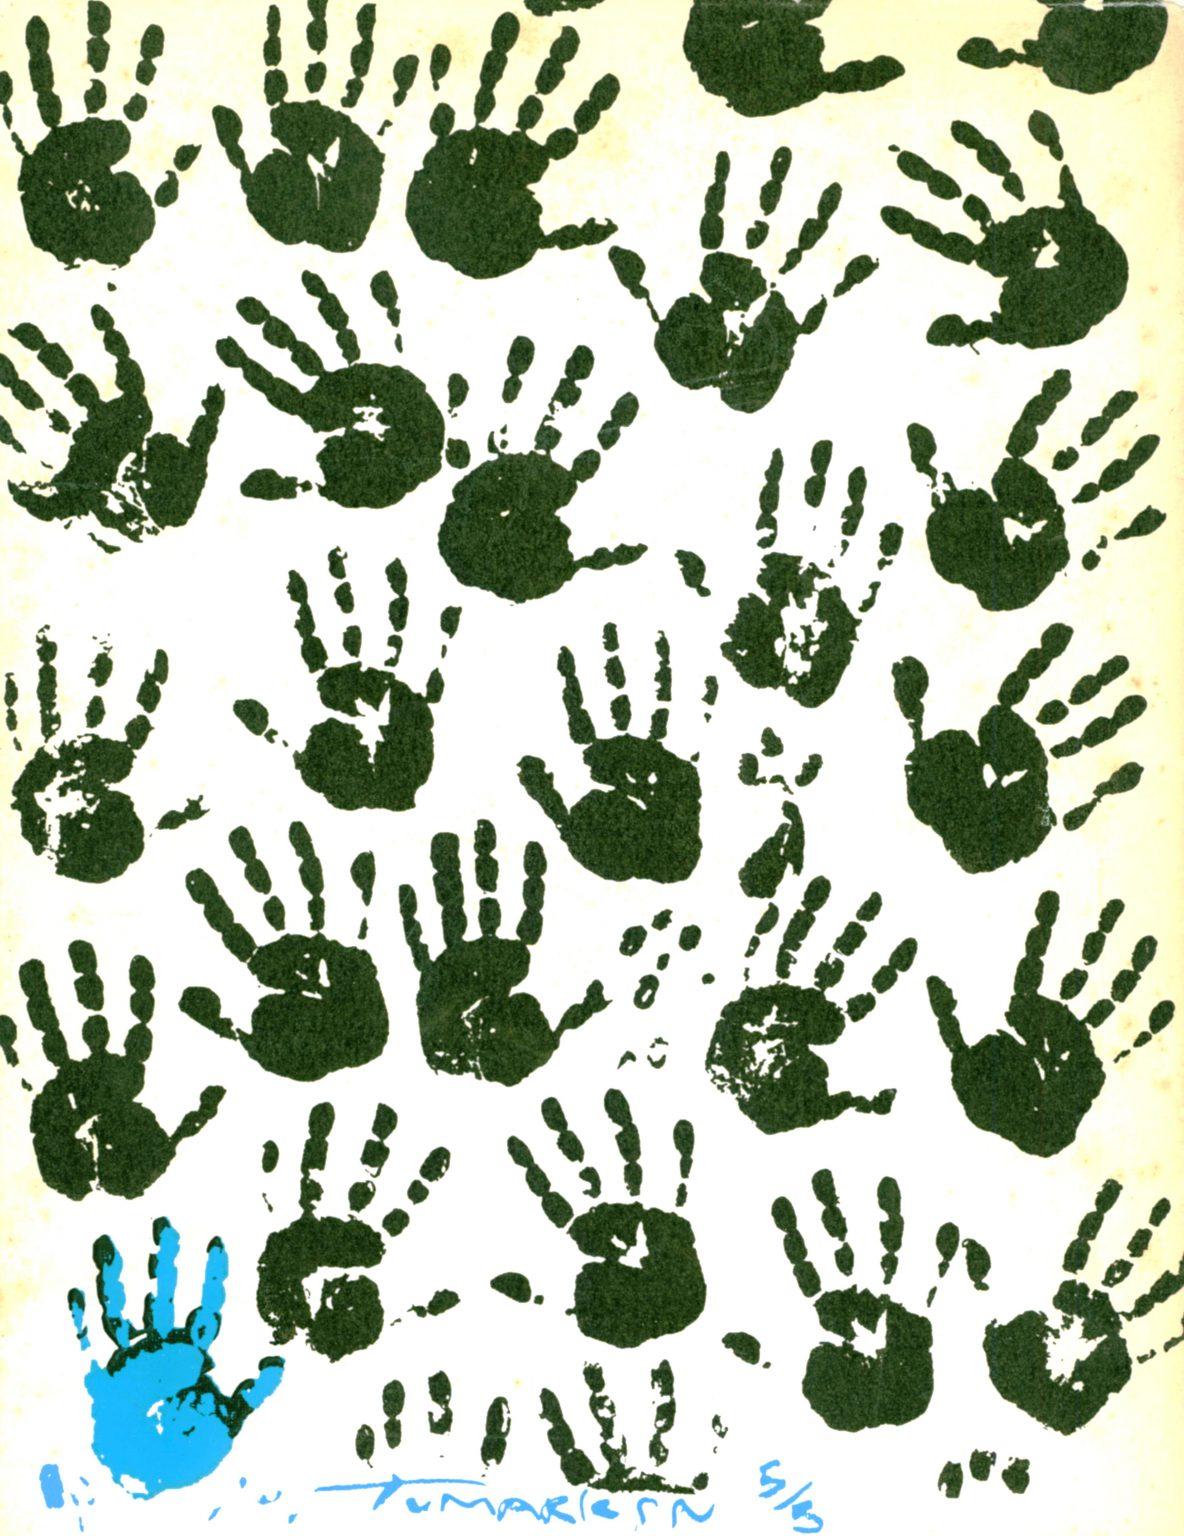 מושנזון, עדנה, תומרקין – הדפסים 1962–1991, מוזיאון תל אביב לאמנות, תל-אביב, 1992